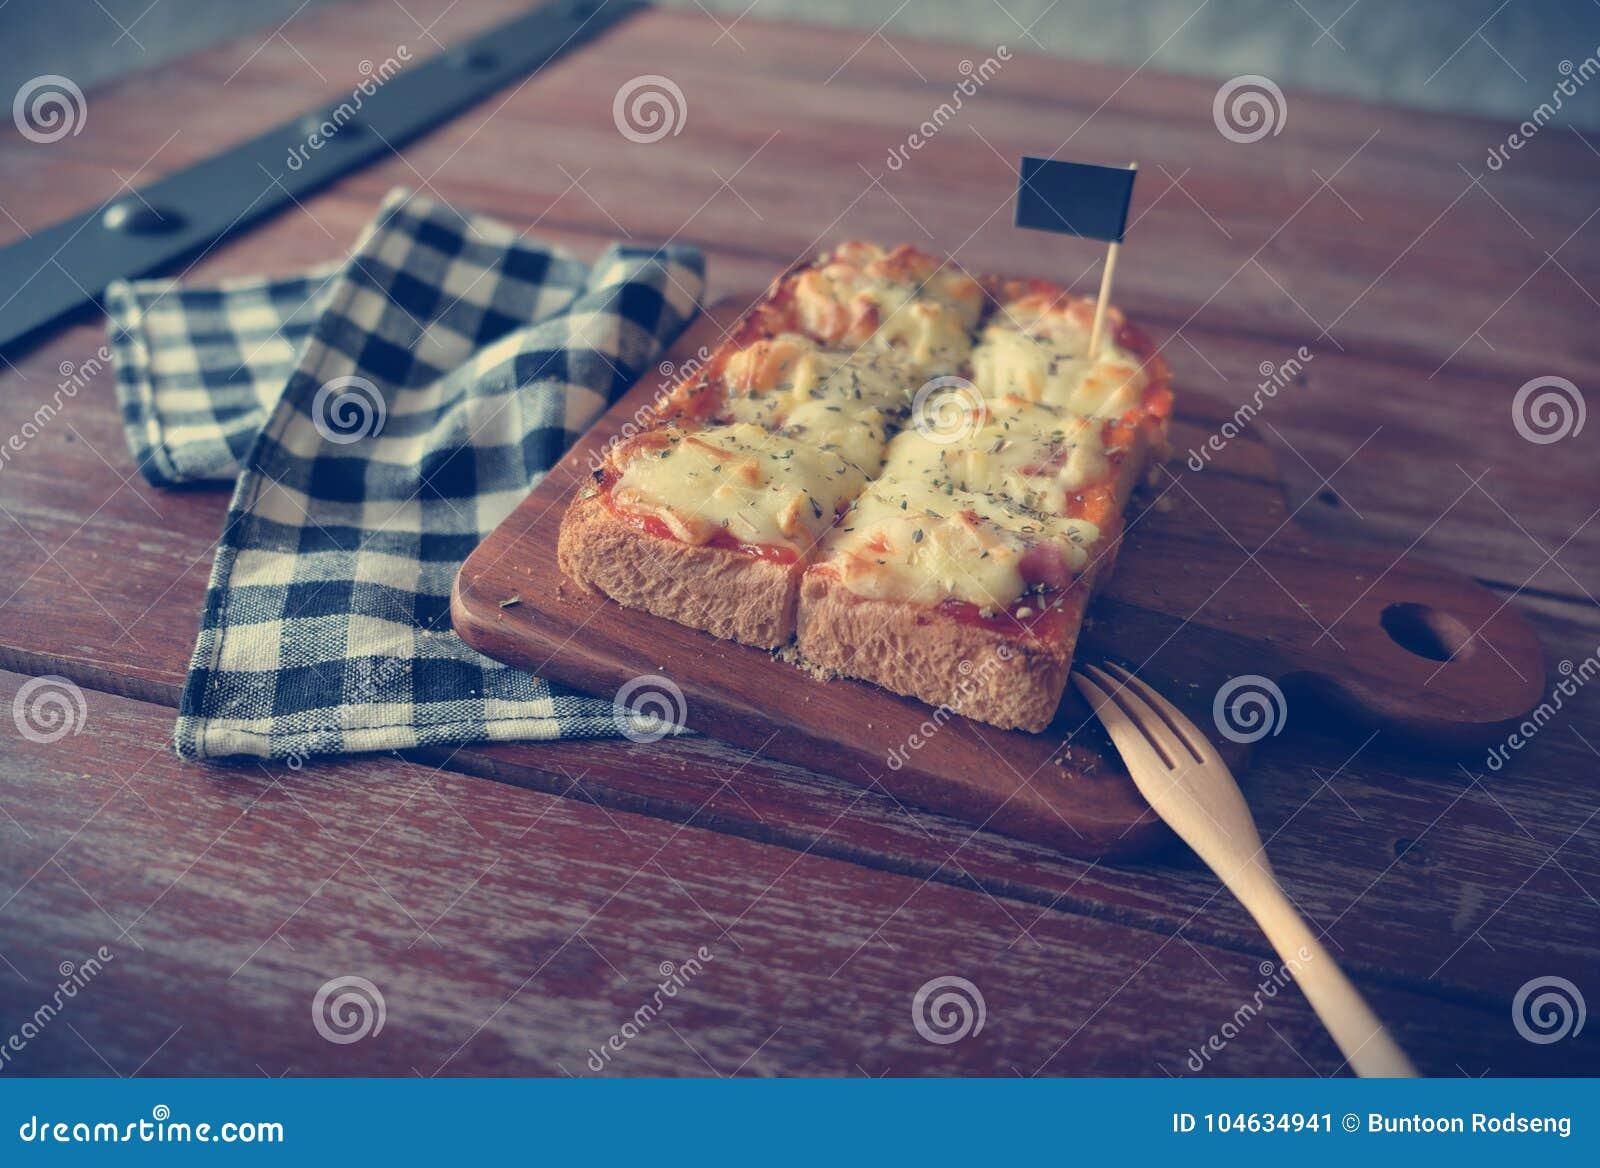 Download Pizza Geroosterd Brood Met Tomatensaus En Hamkaas Stock Afbeelding - Afbeelding bestaande uit heerlijk, peterselie: 104634941